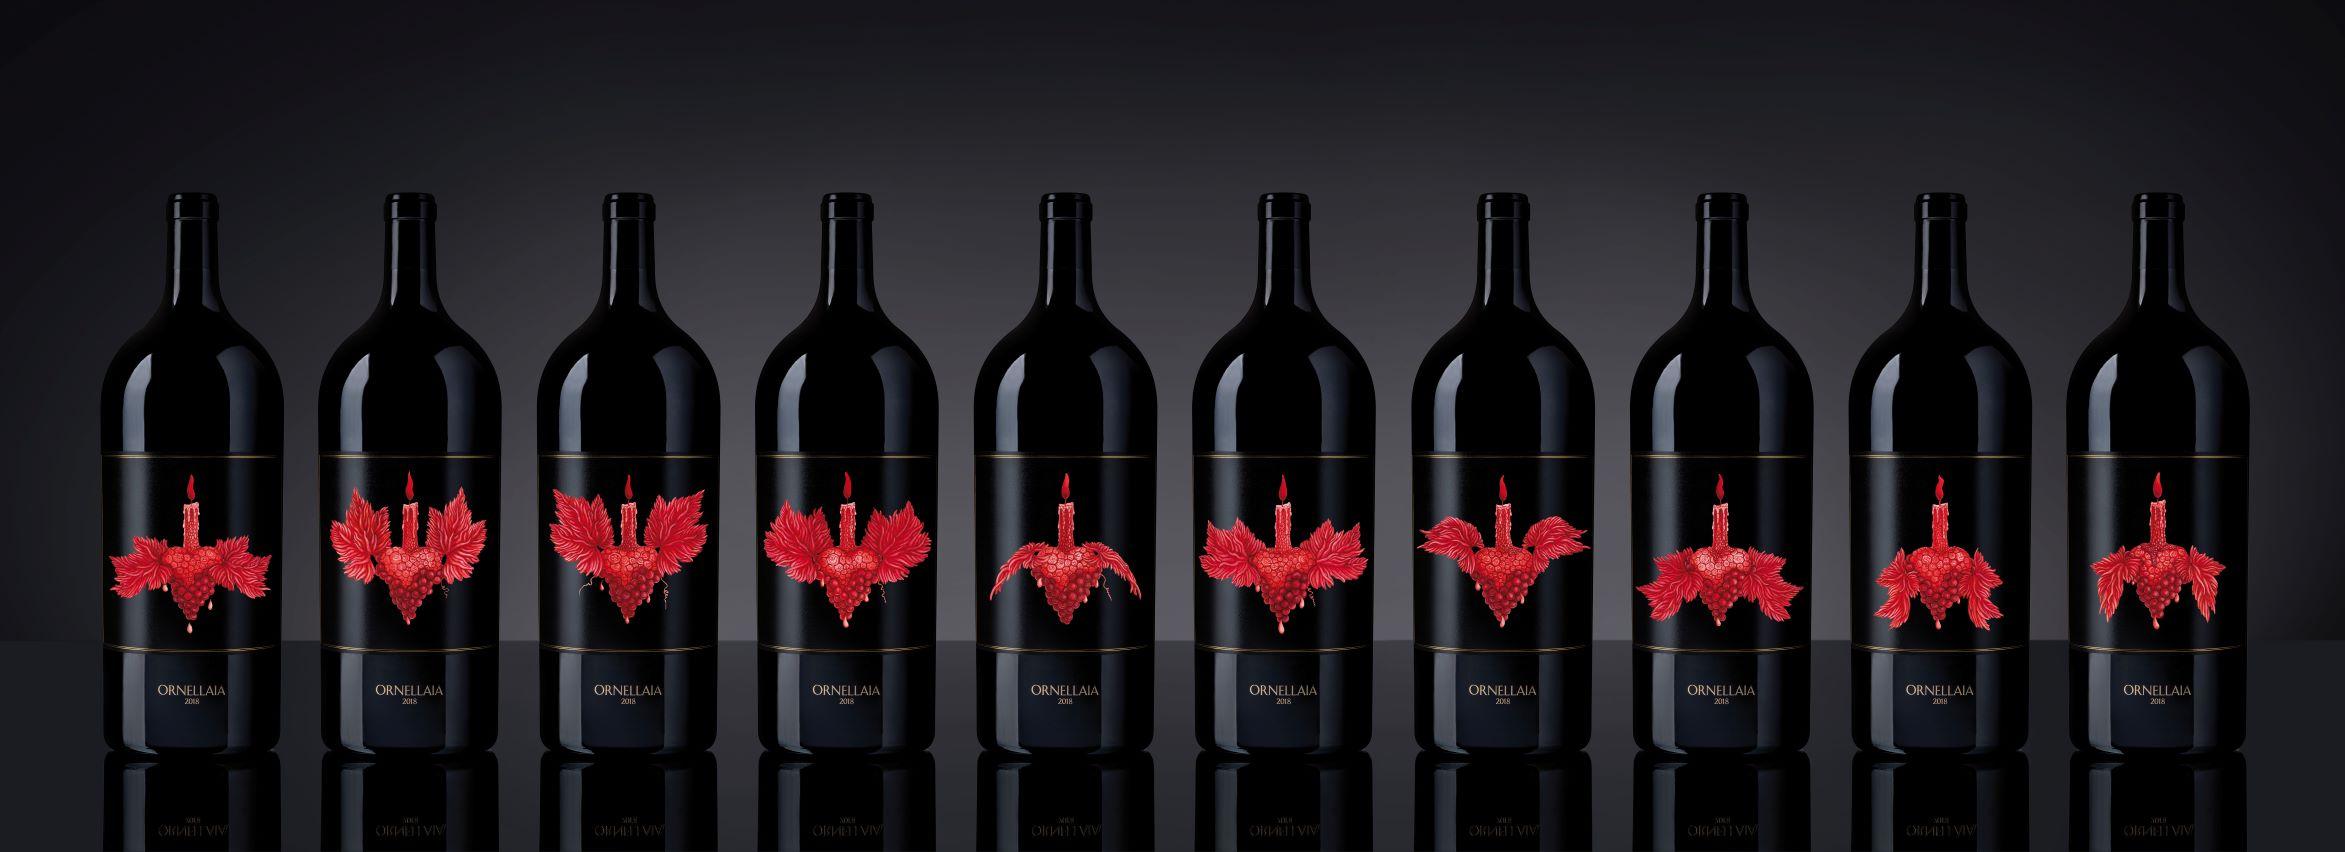 Vendemmia d'Artista: Jan Fabre per Ornellaia. La suggestione rosso corallo nell'interpretazione artistica del carattere del vino